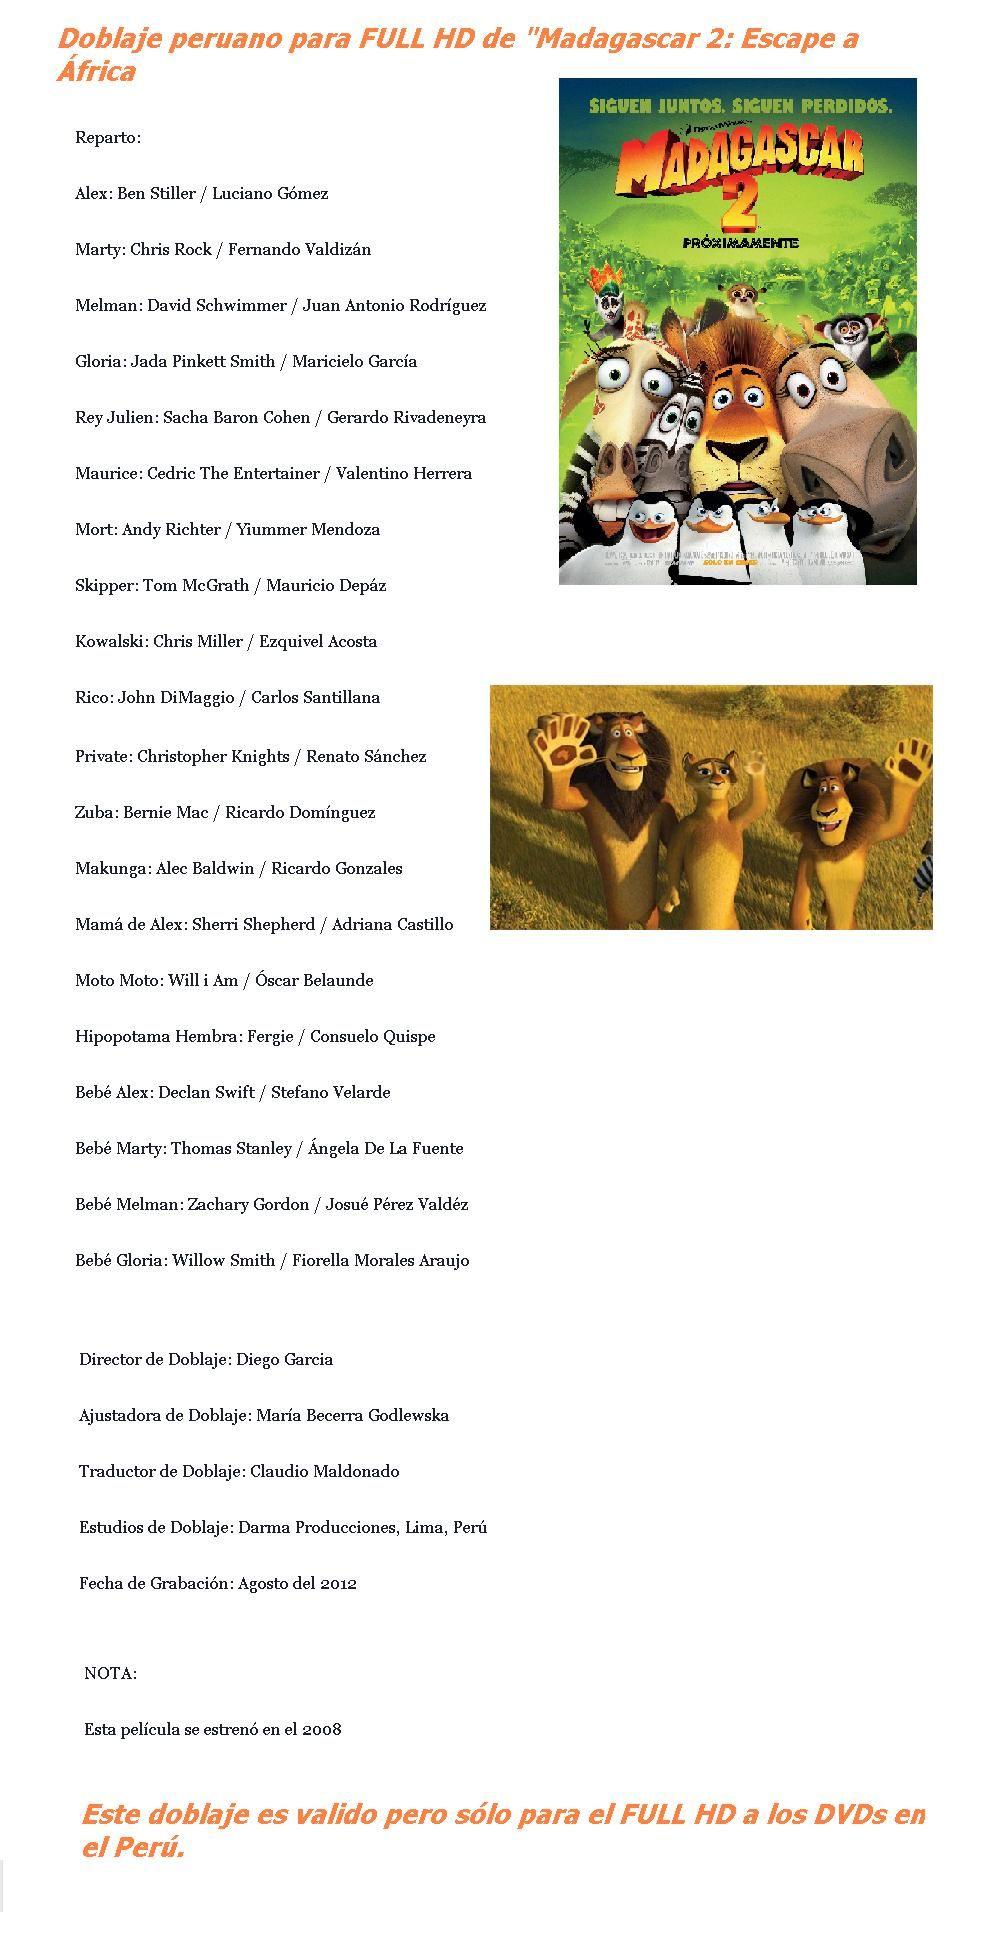 82 Ideas De Doblaje Peruano Para Full Hd En Los Dvds Doblaje Peruanos El Niño Pelicula